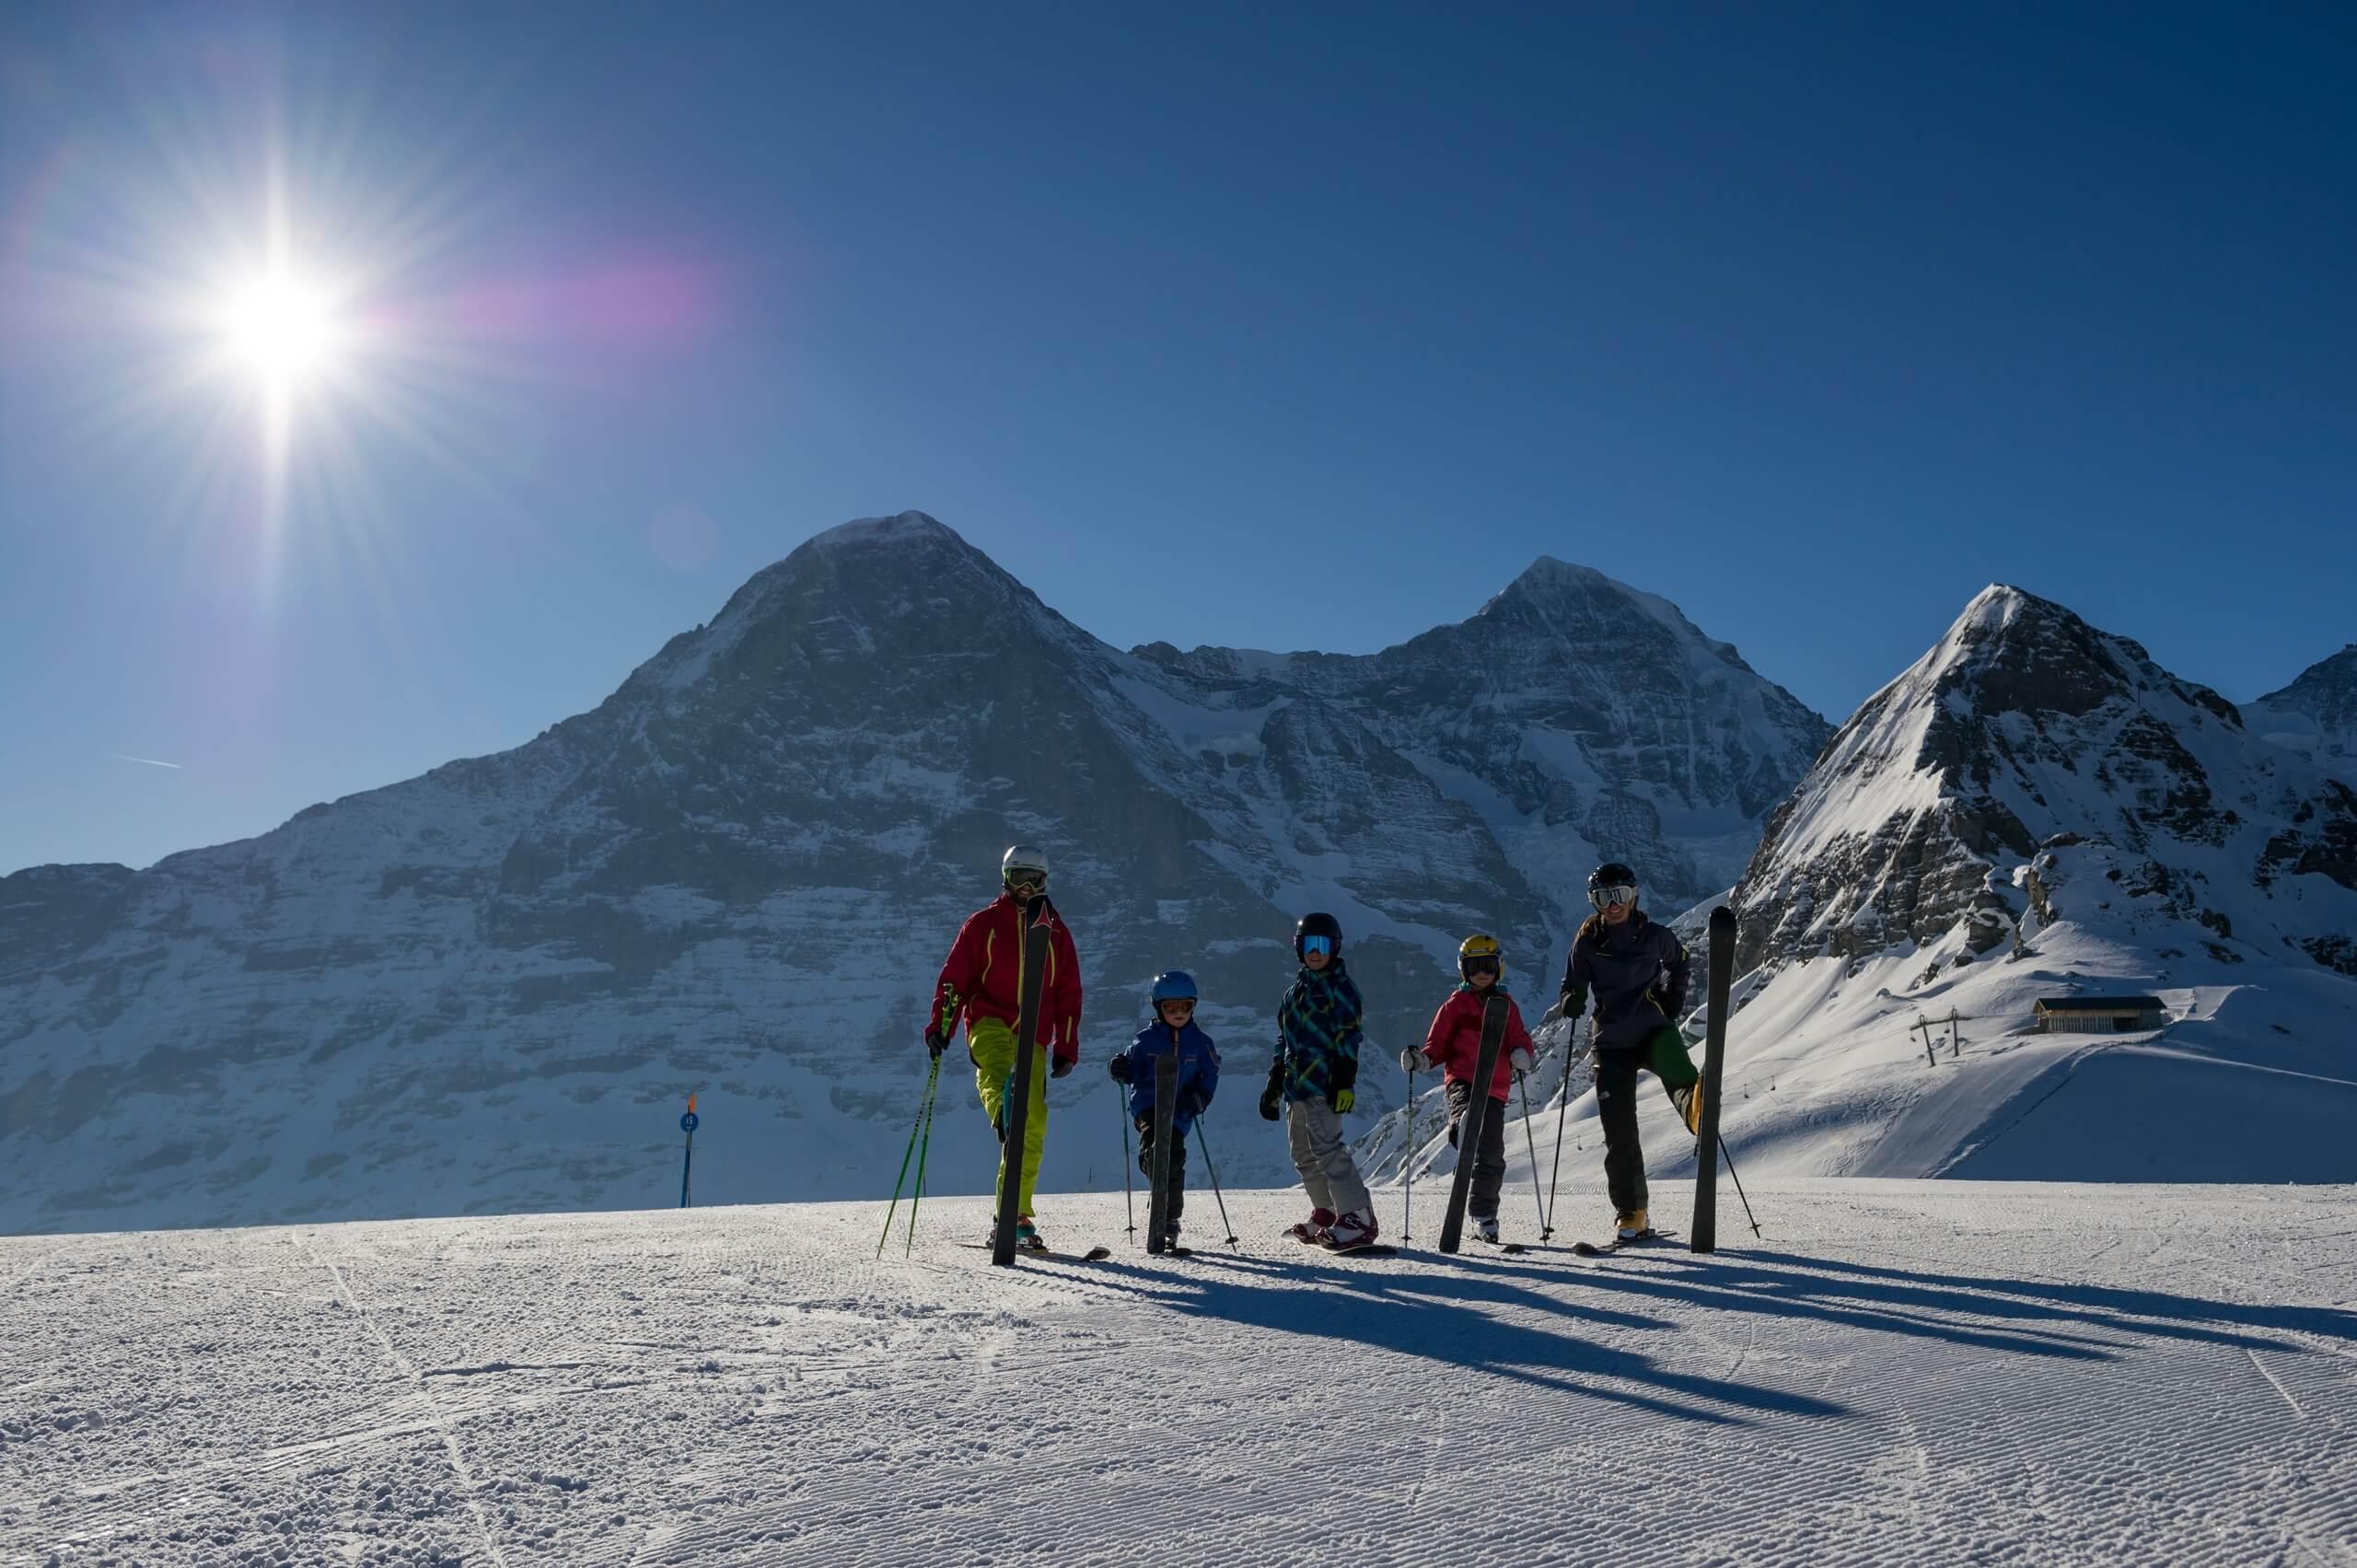 maennlichen-skifahren-winter-berge